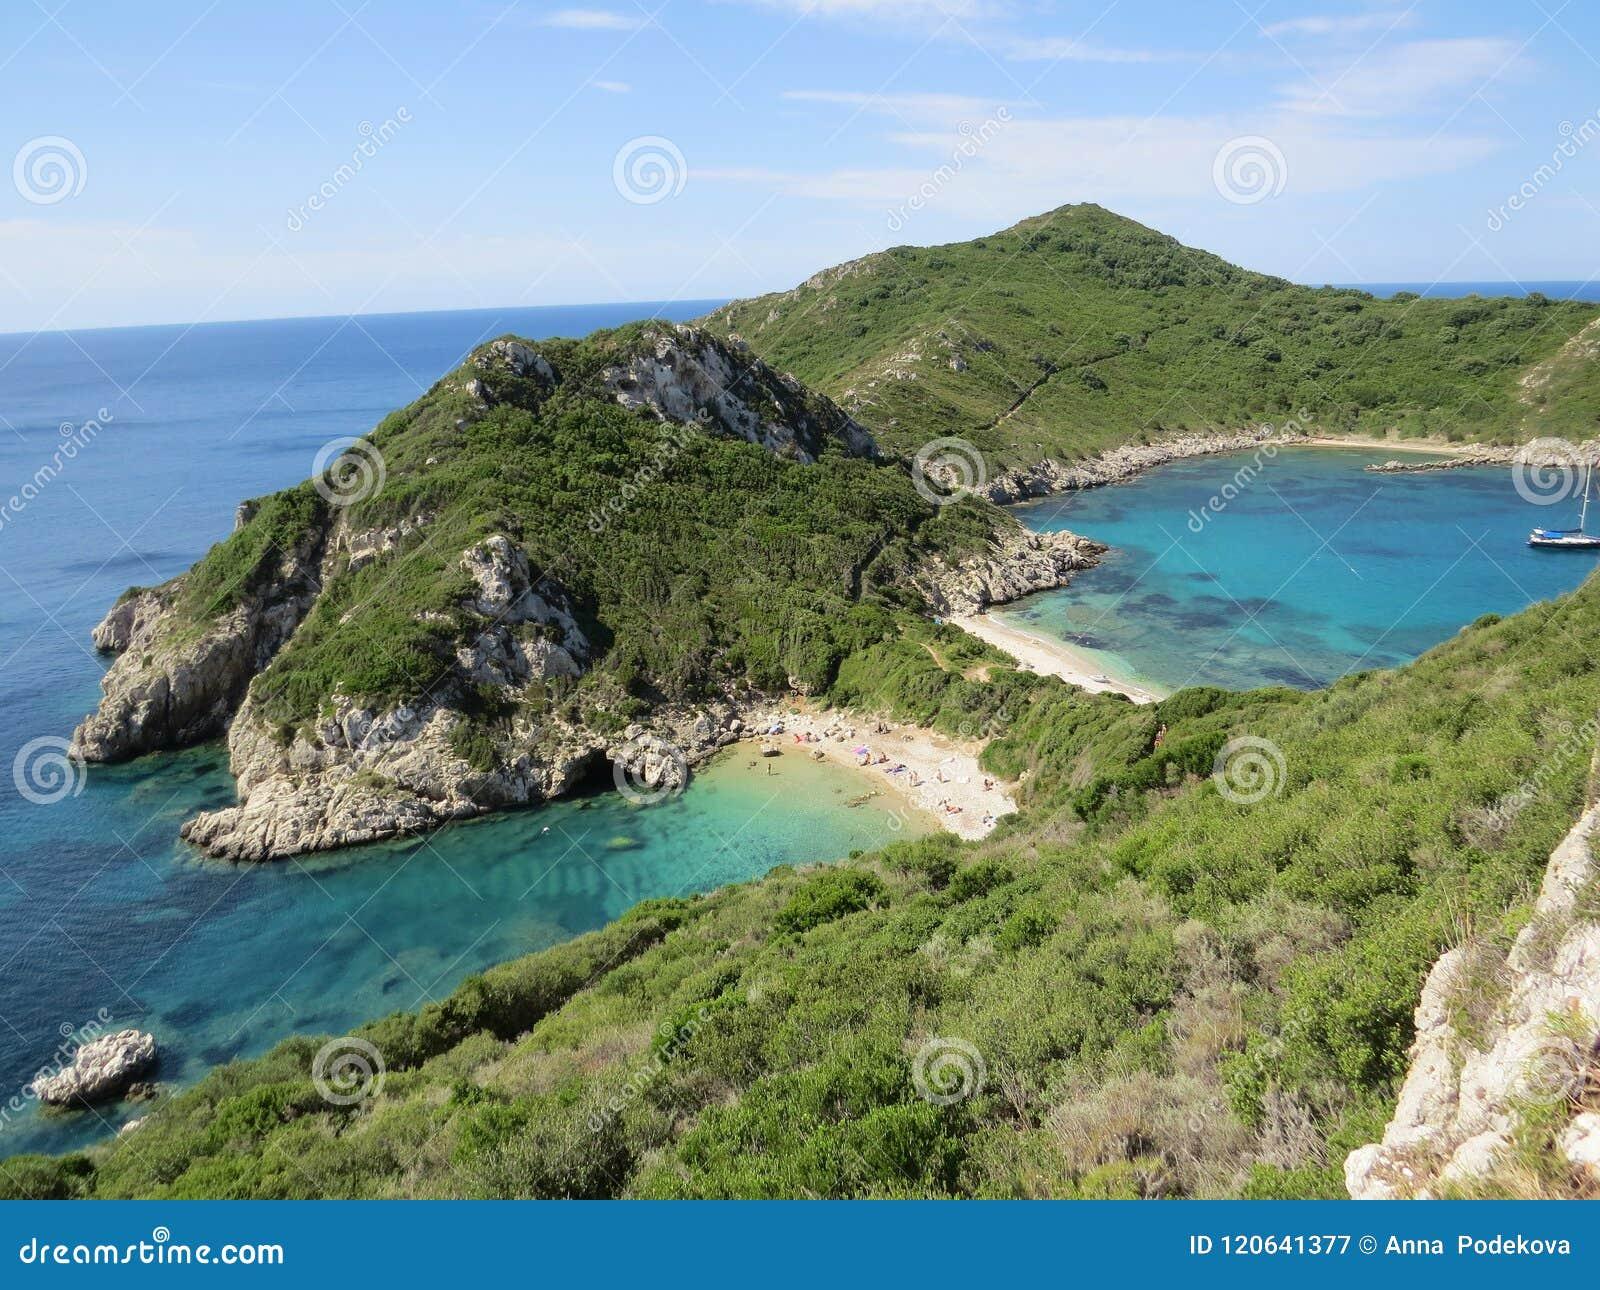 Der Schönste Strand Porto Timoni Afionas Auf Der Griechischen Insel